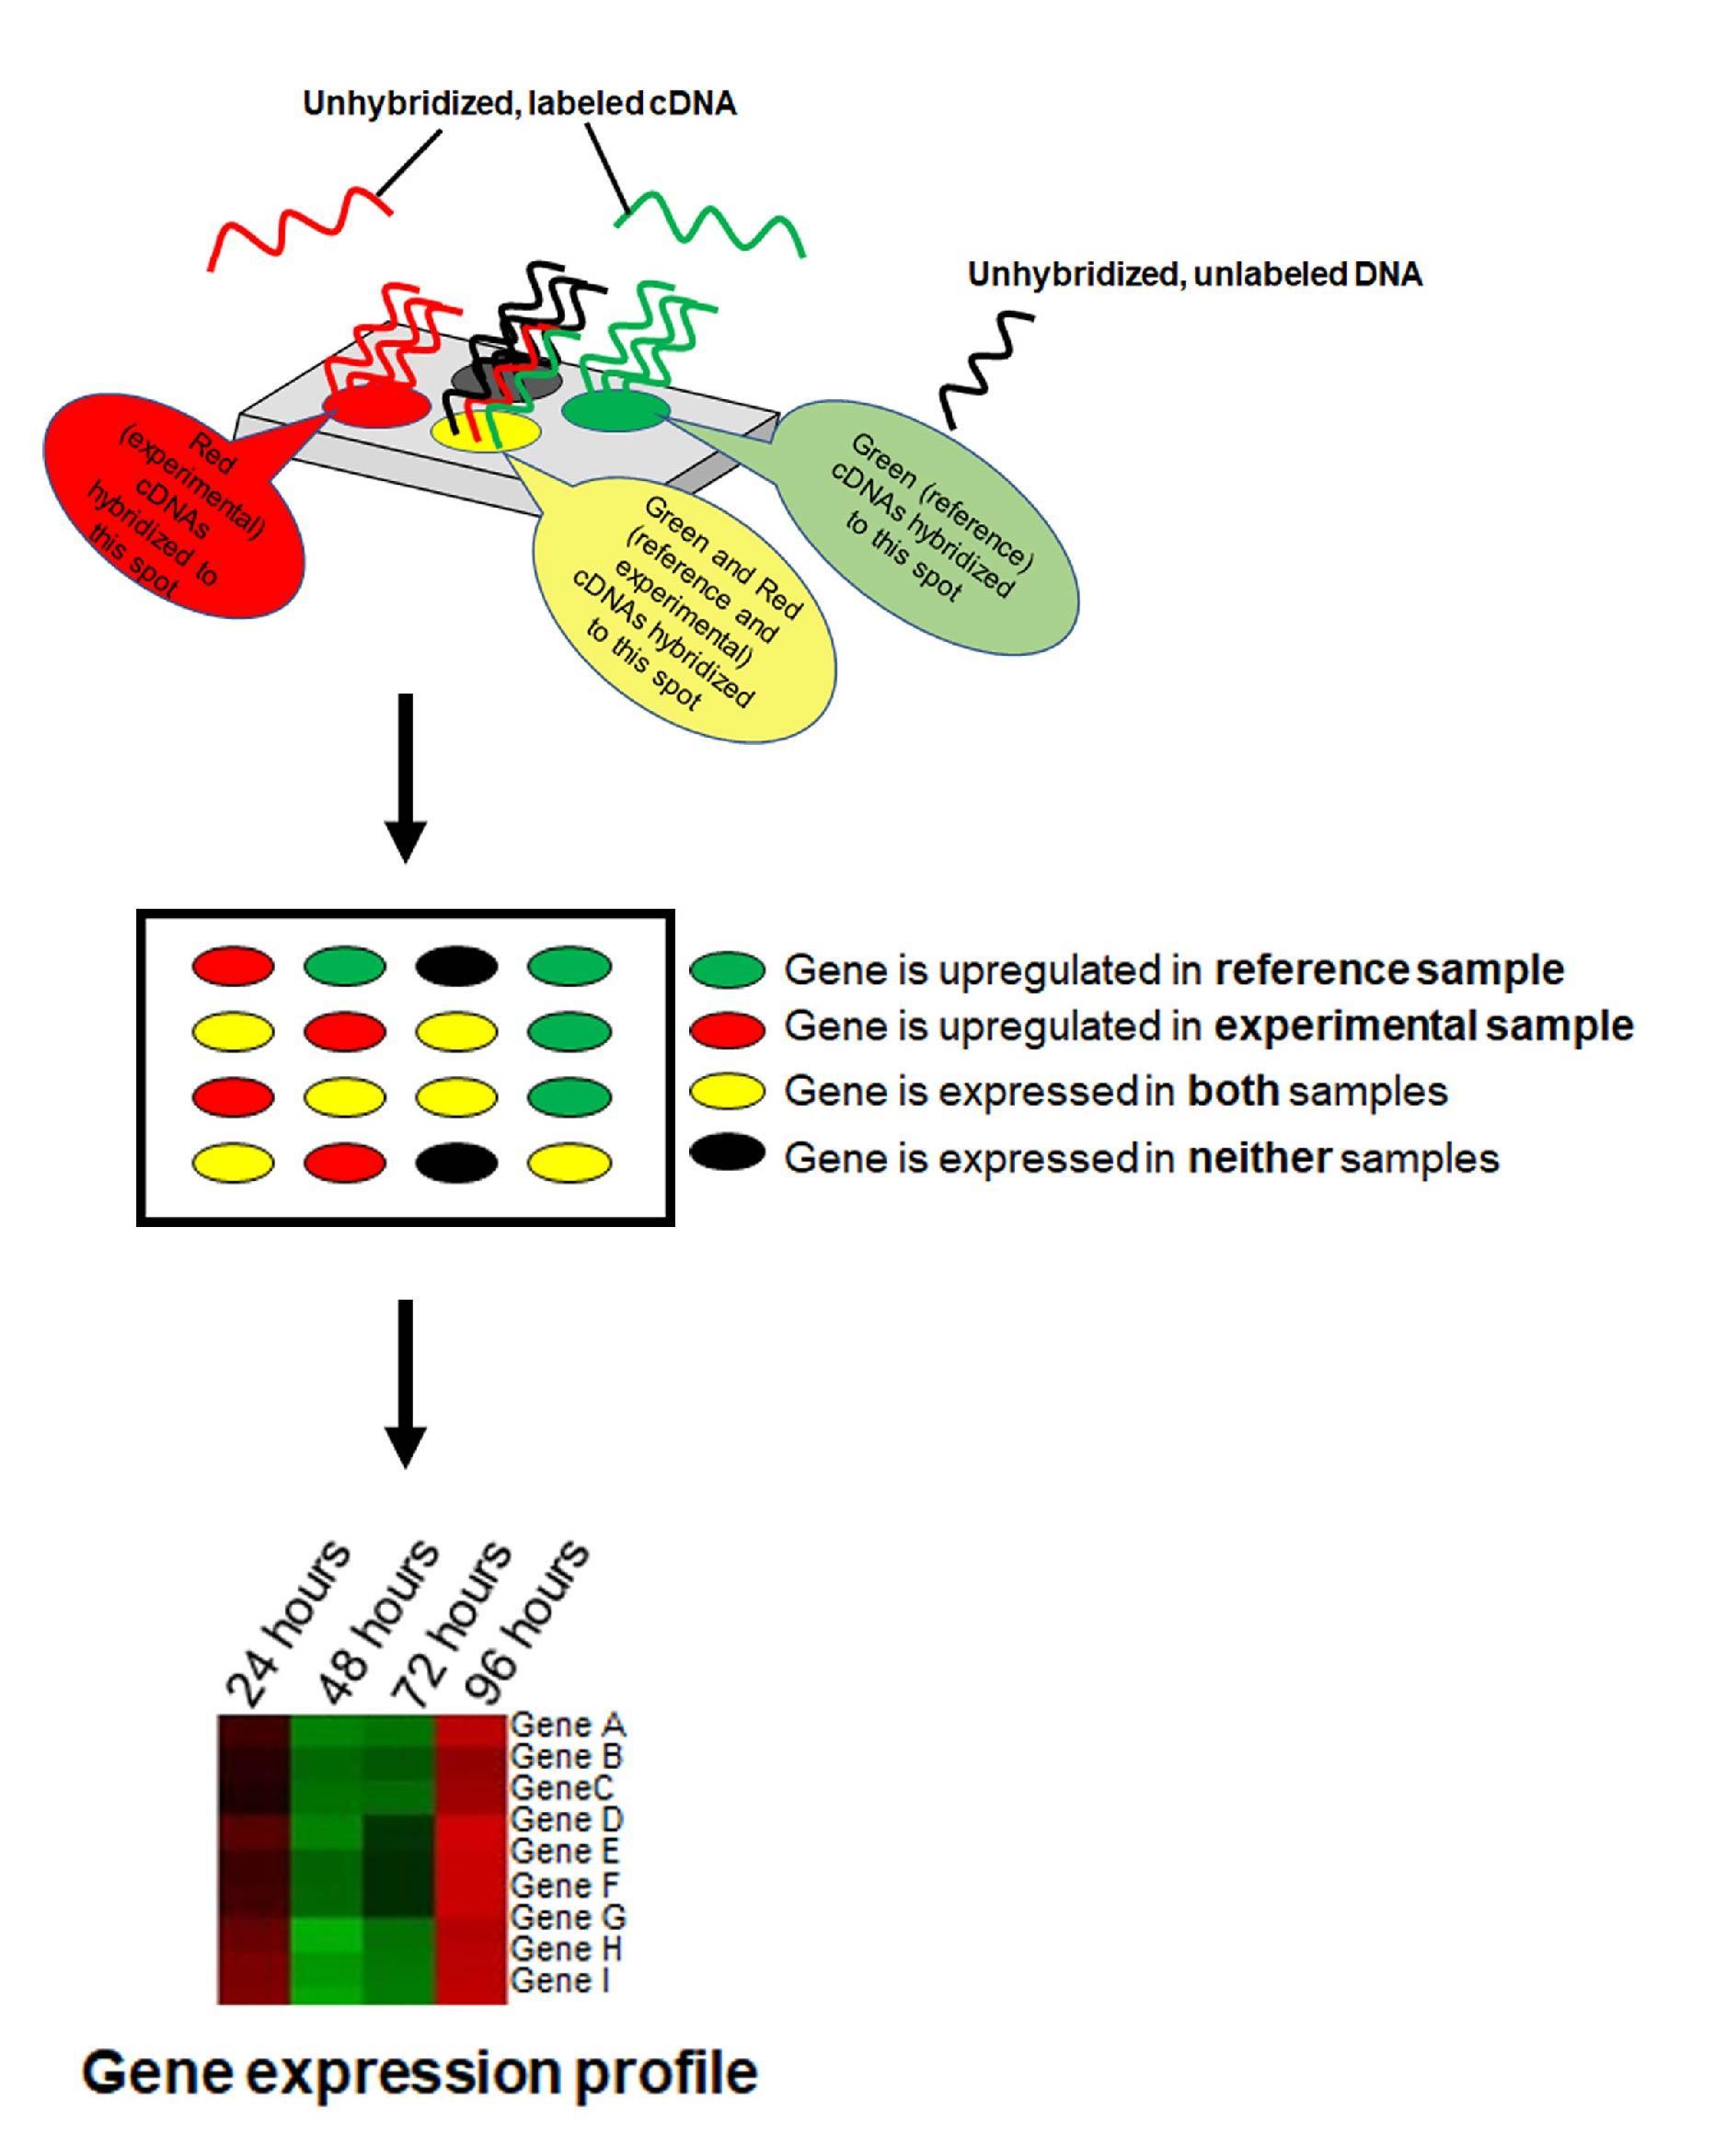 schematic gene expression profile